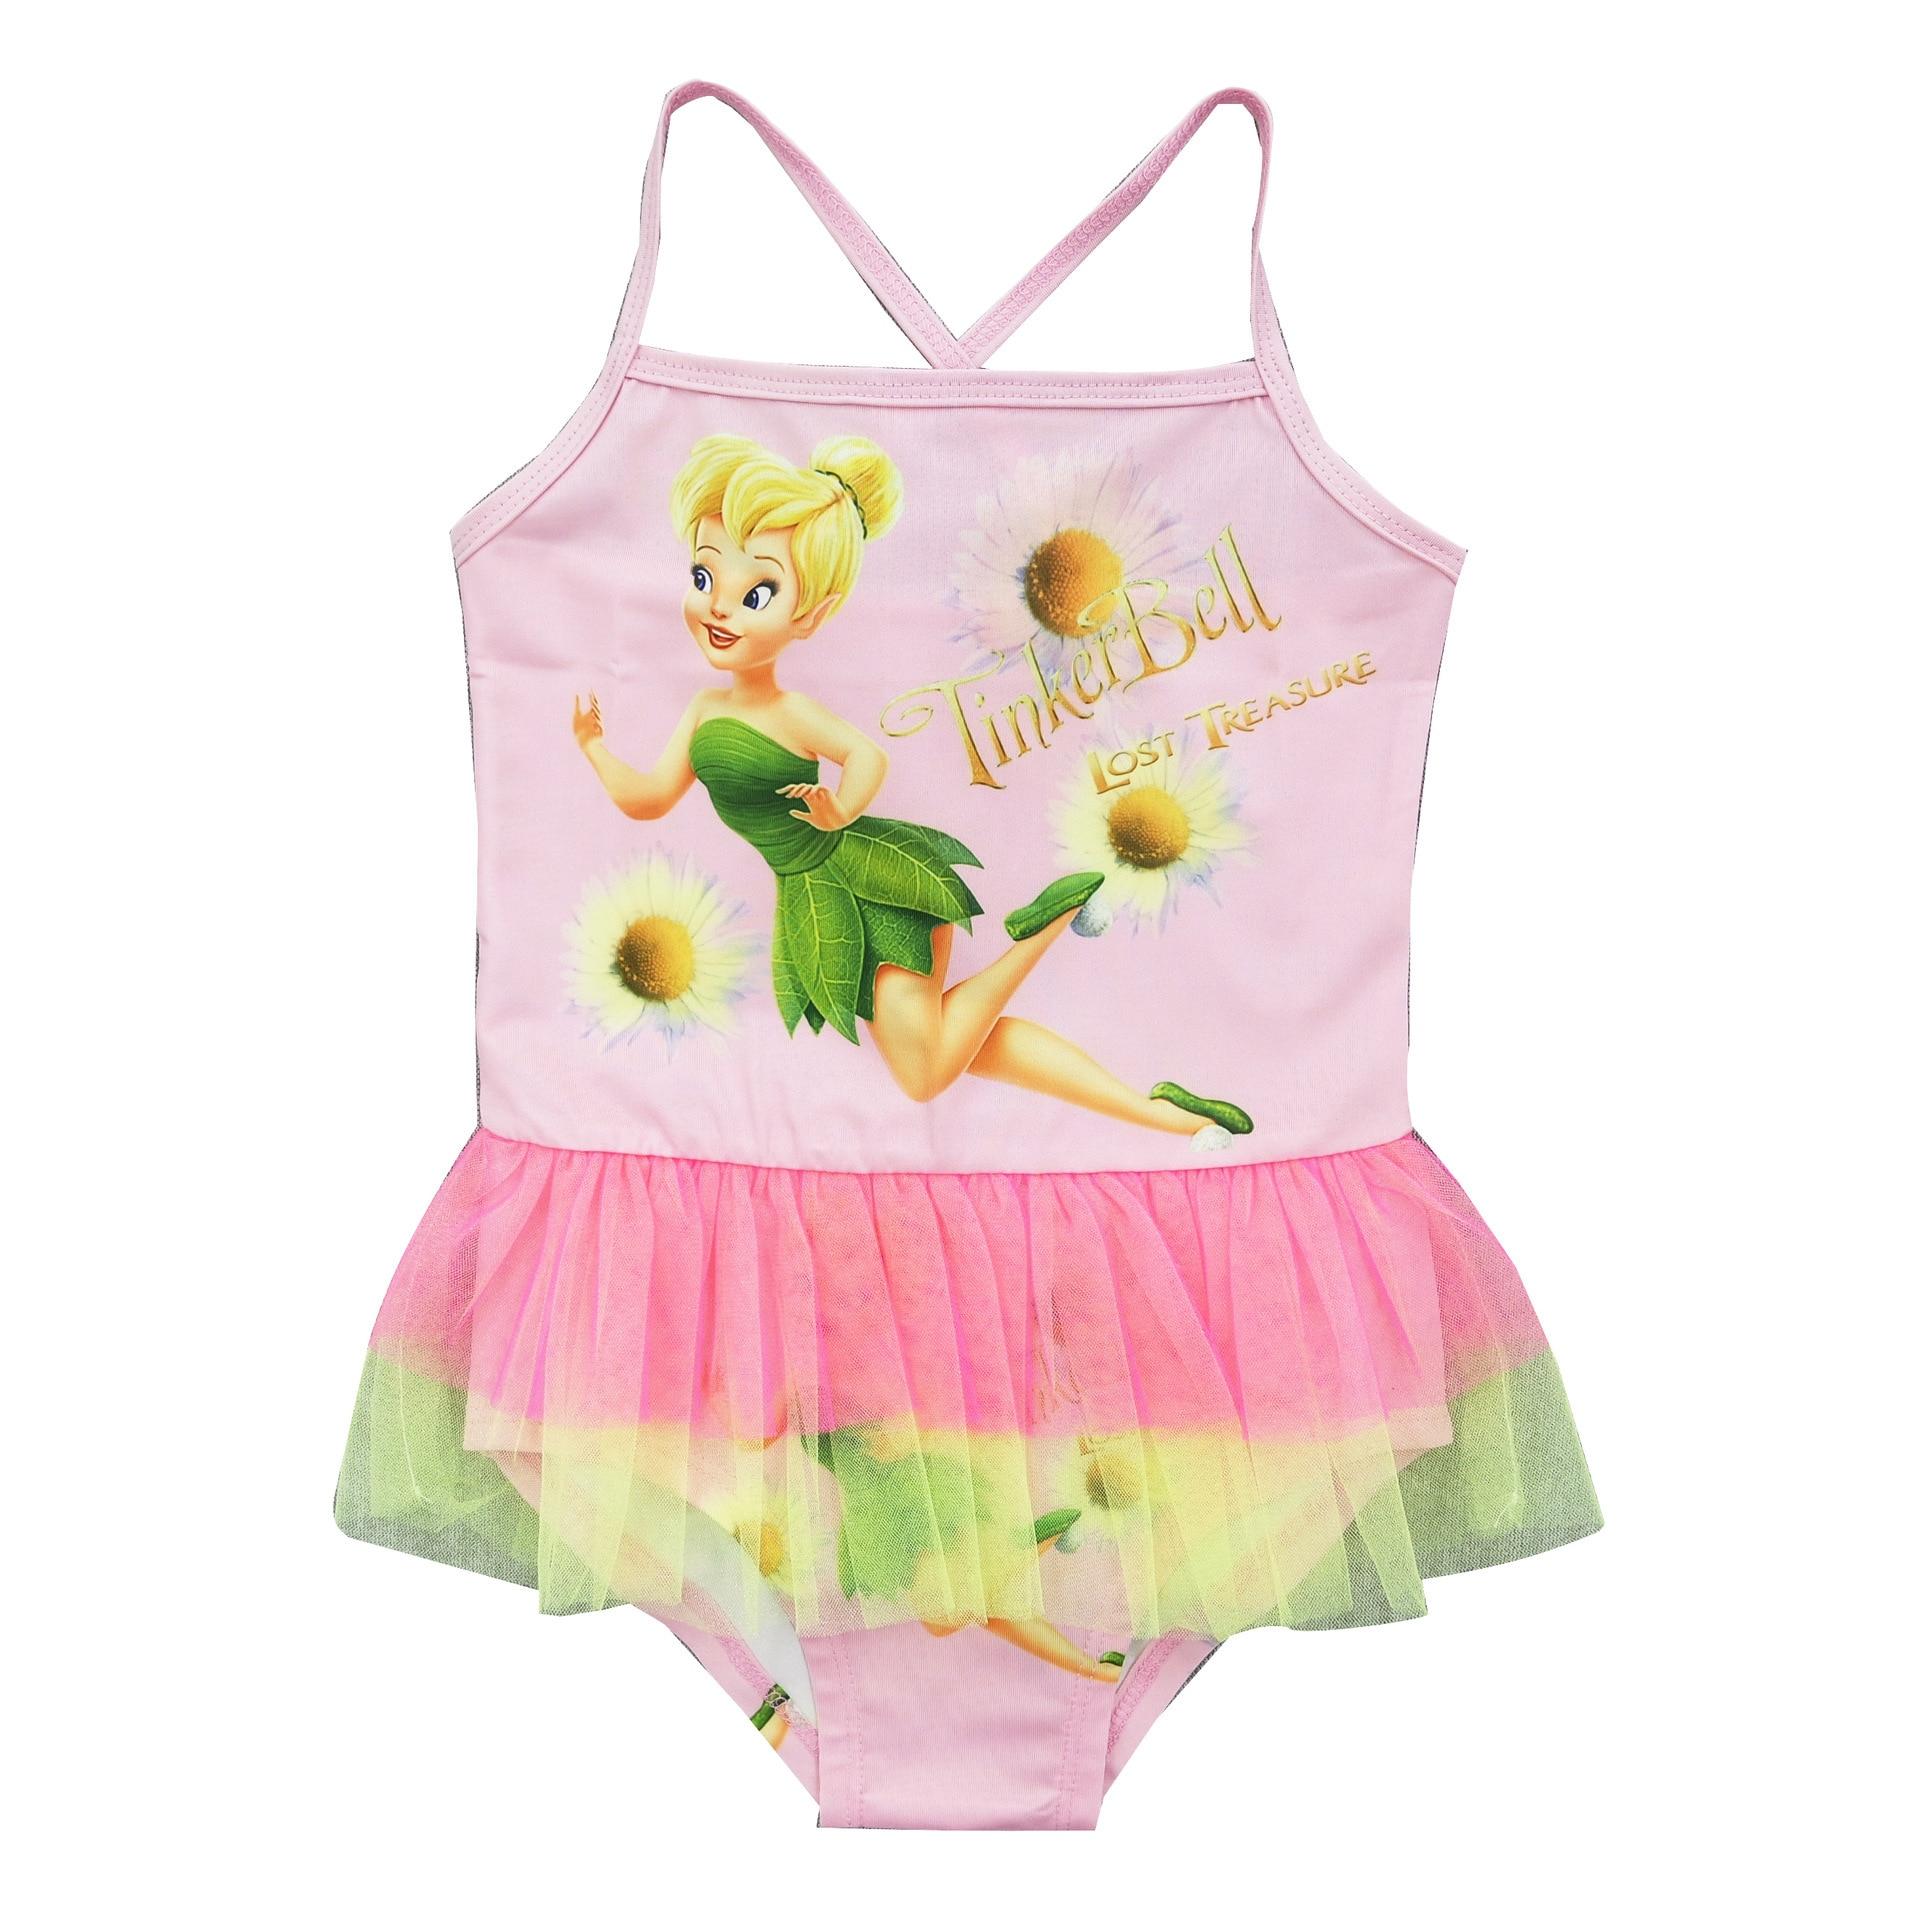 2017 New Year Good Goods Skirt Children Baby Girls Bathing Suit Casual Beach One-piece Triangular Children Swimwear 1302